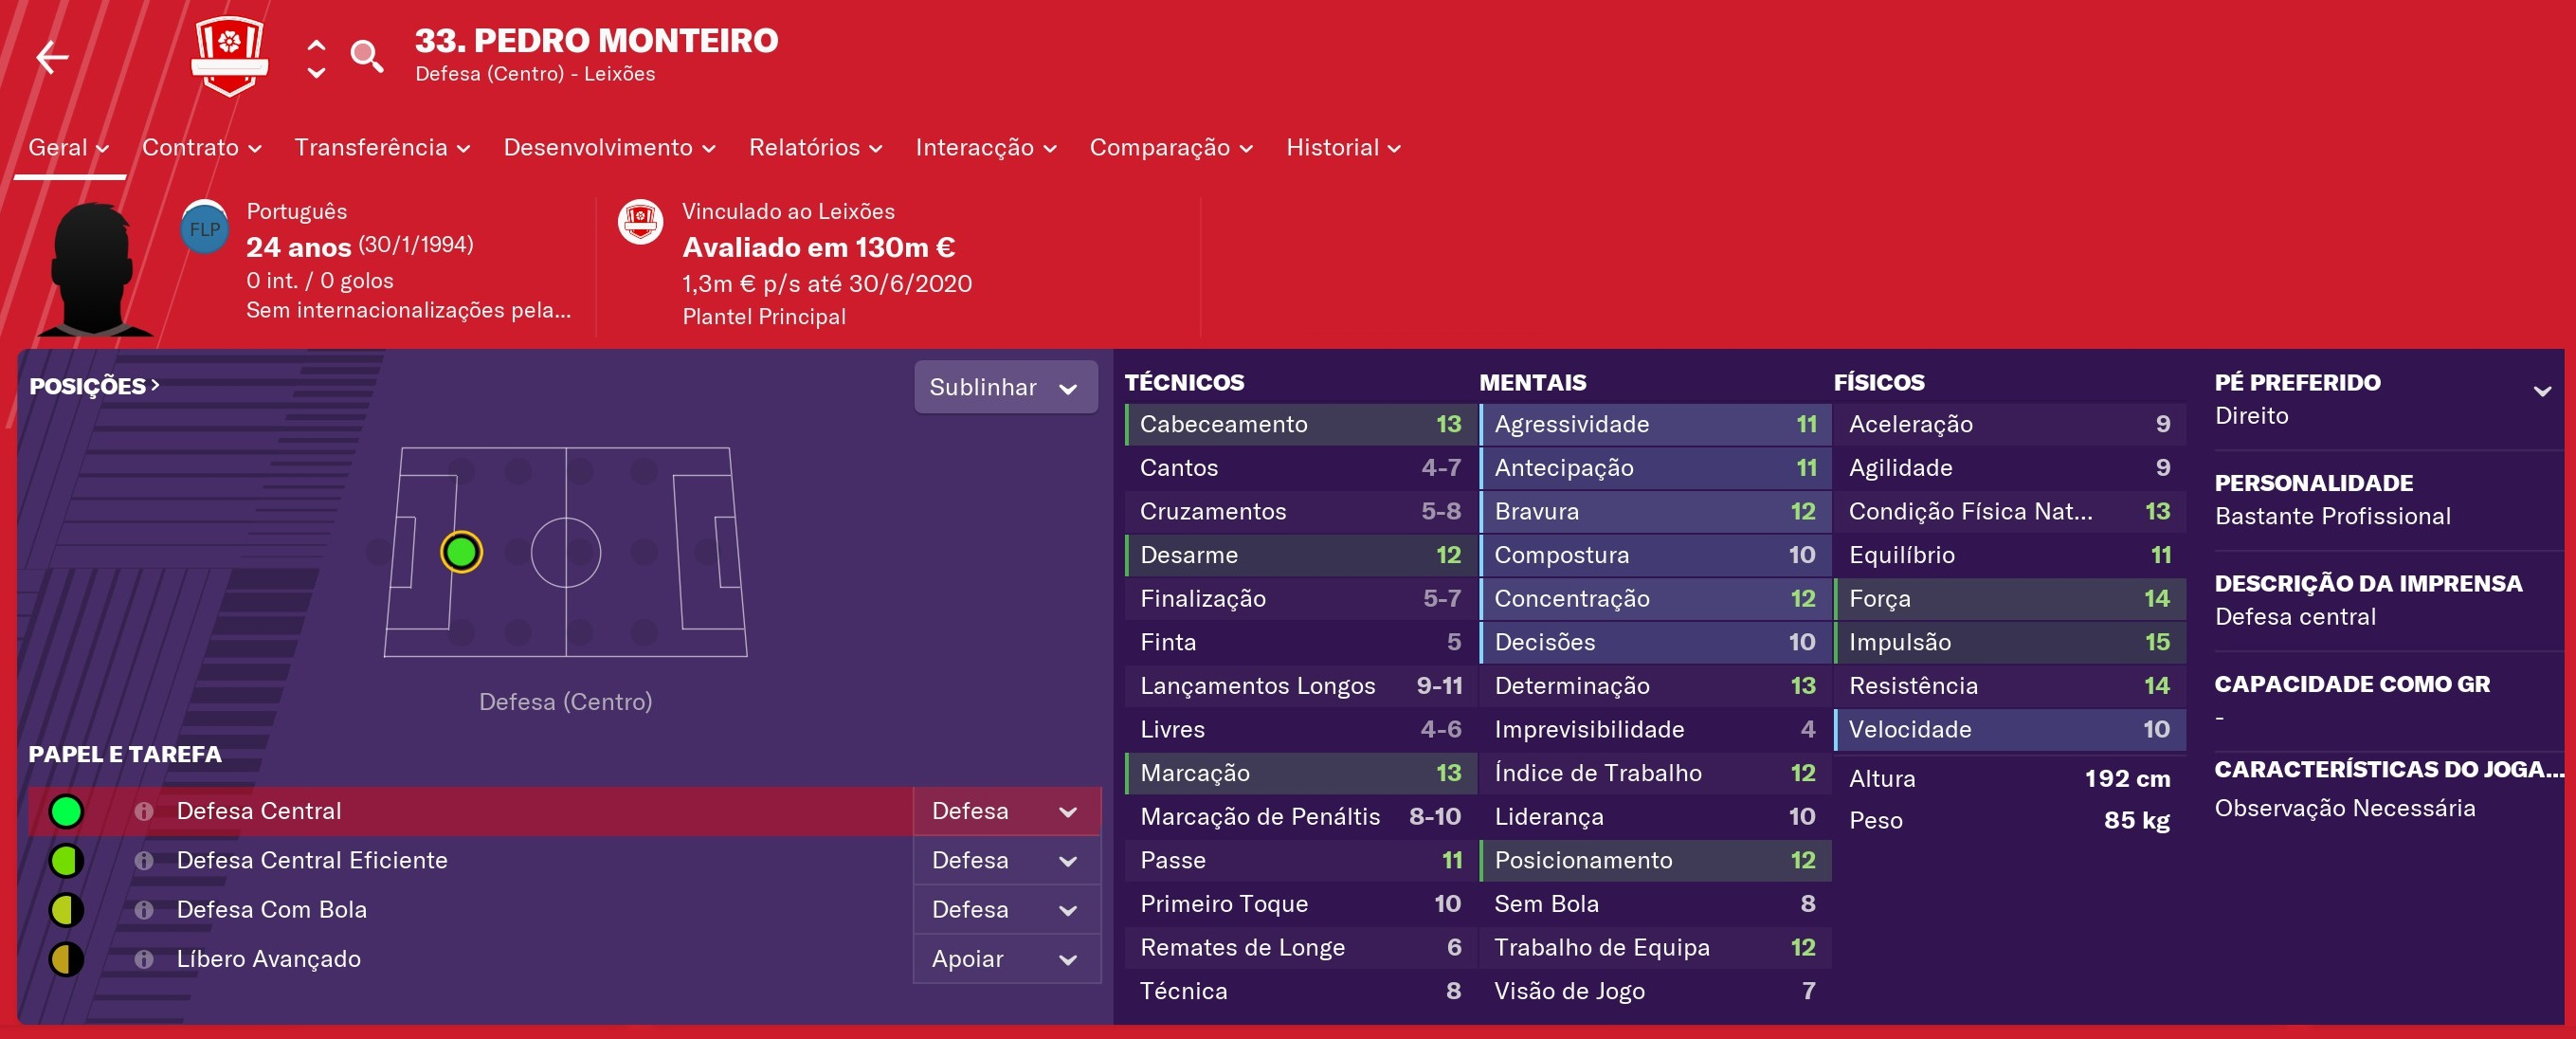 Os craques também jogam: Pedro Monteiro